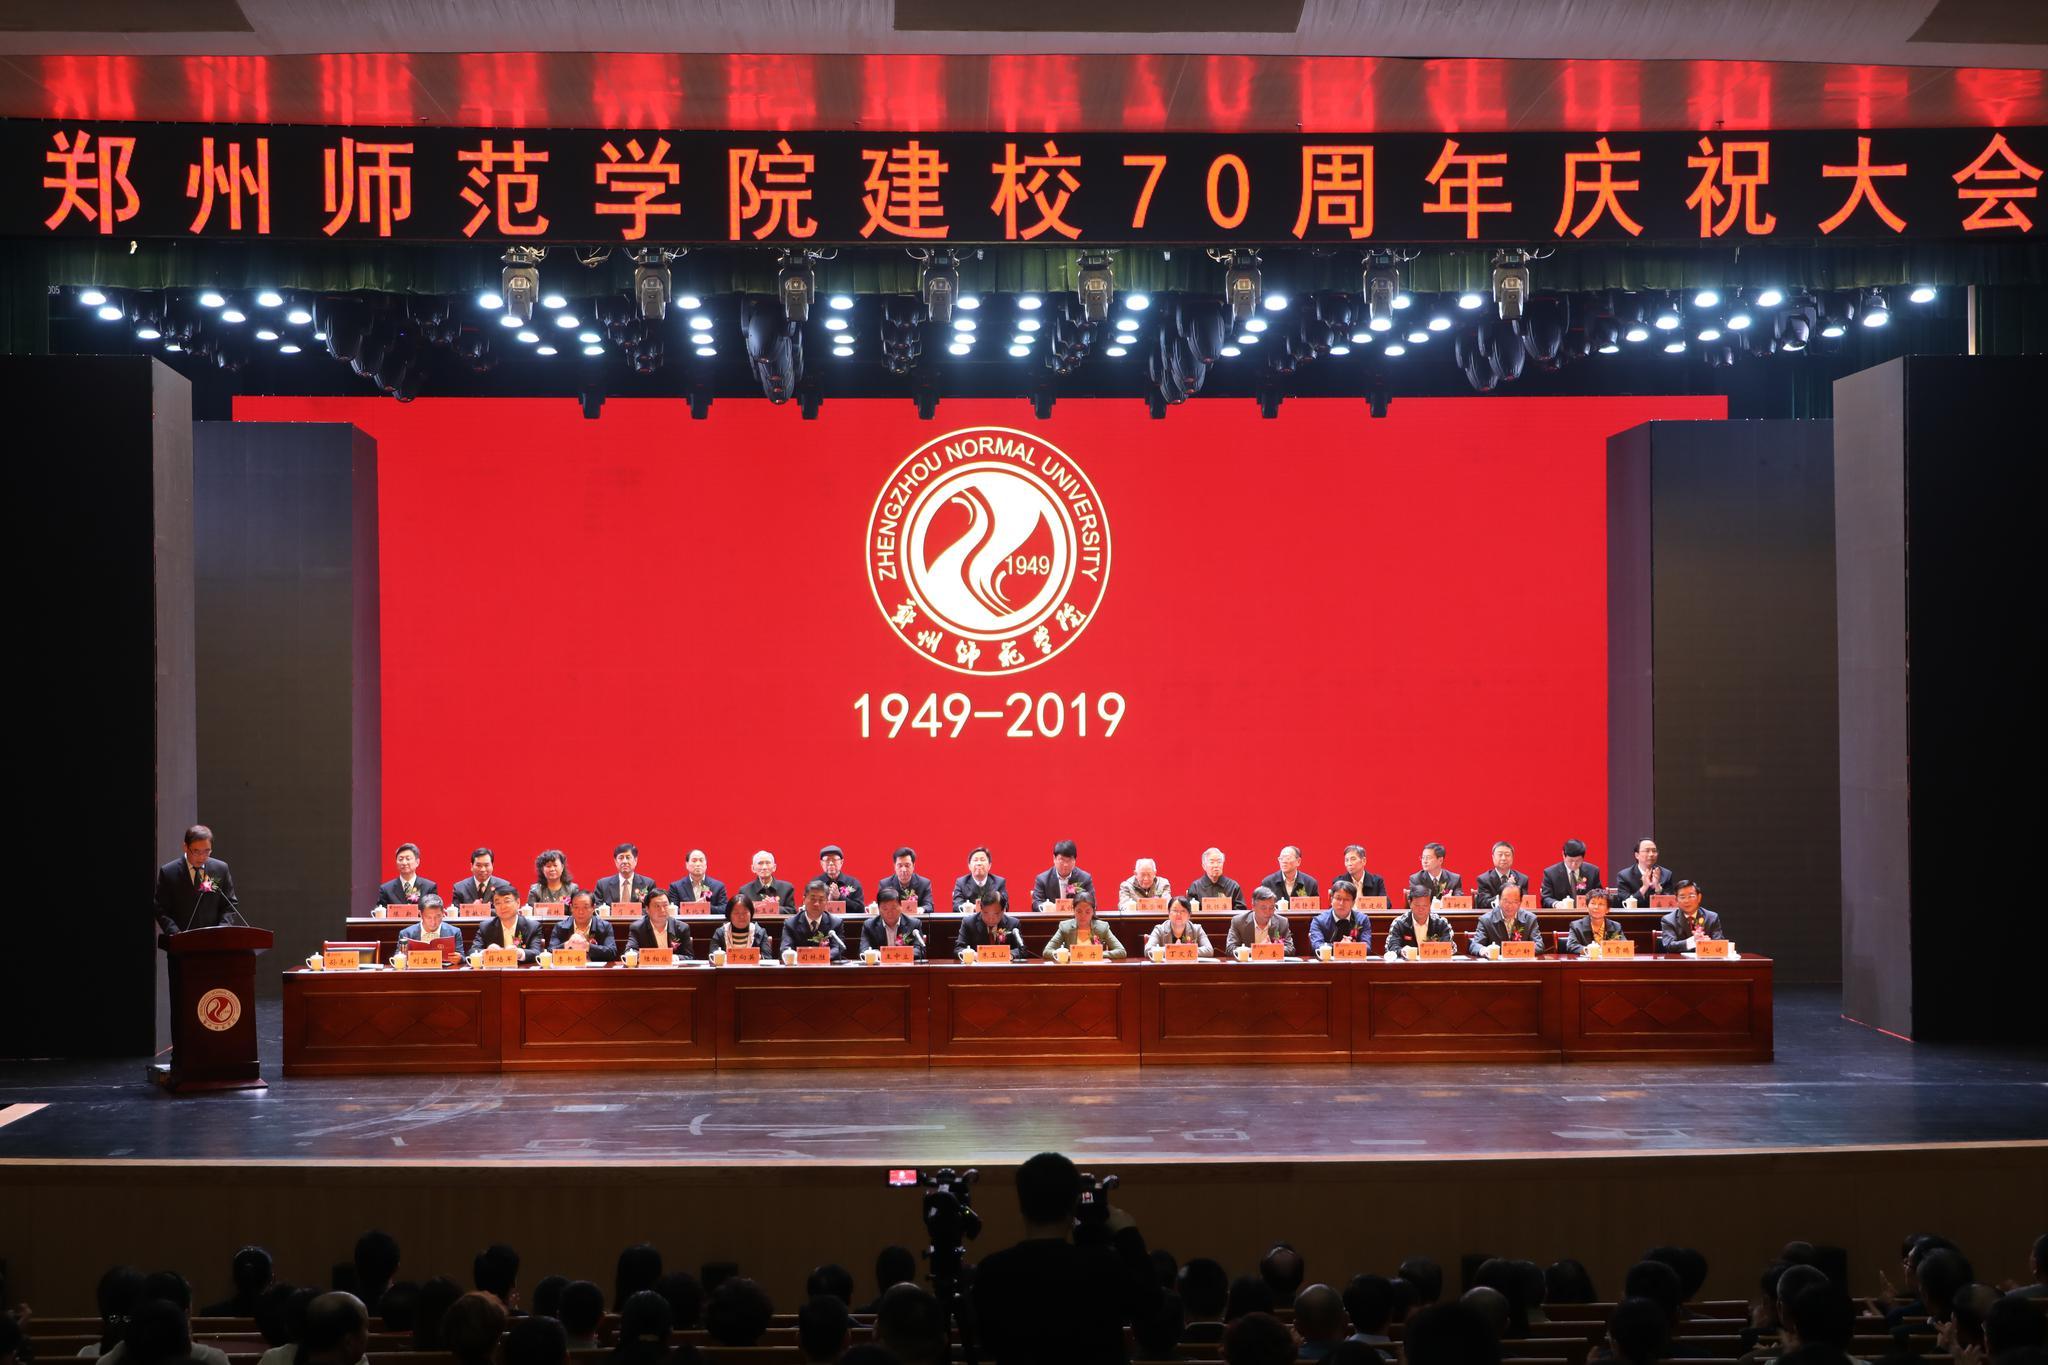 郑州师范学院隆重召开建校70周年庆祝大会